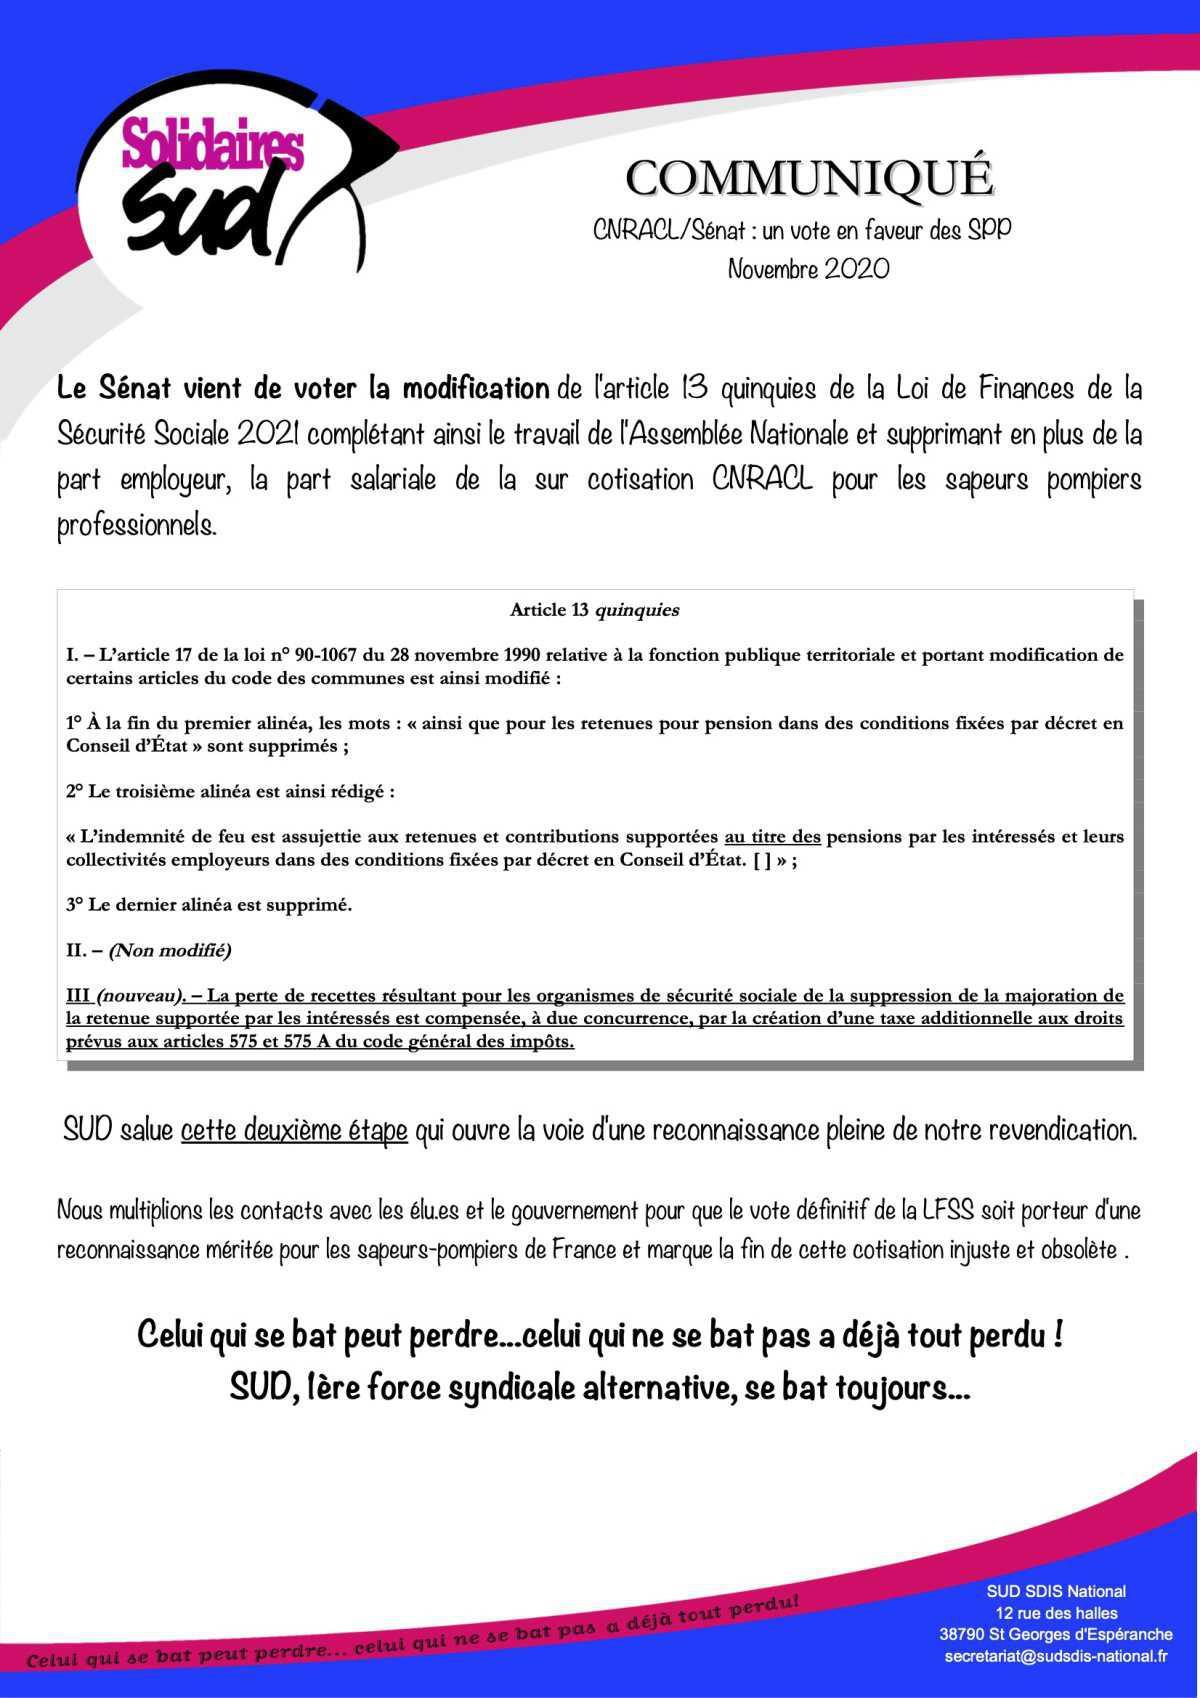 CNRACL le Sénat vote en faveur des SPP 👍